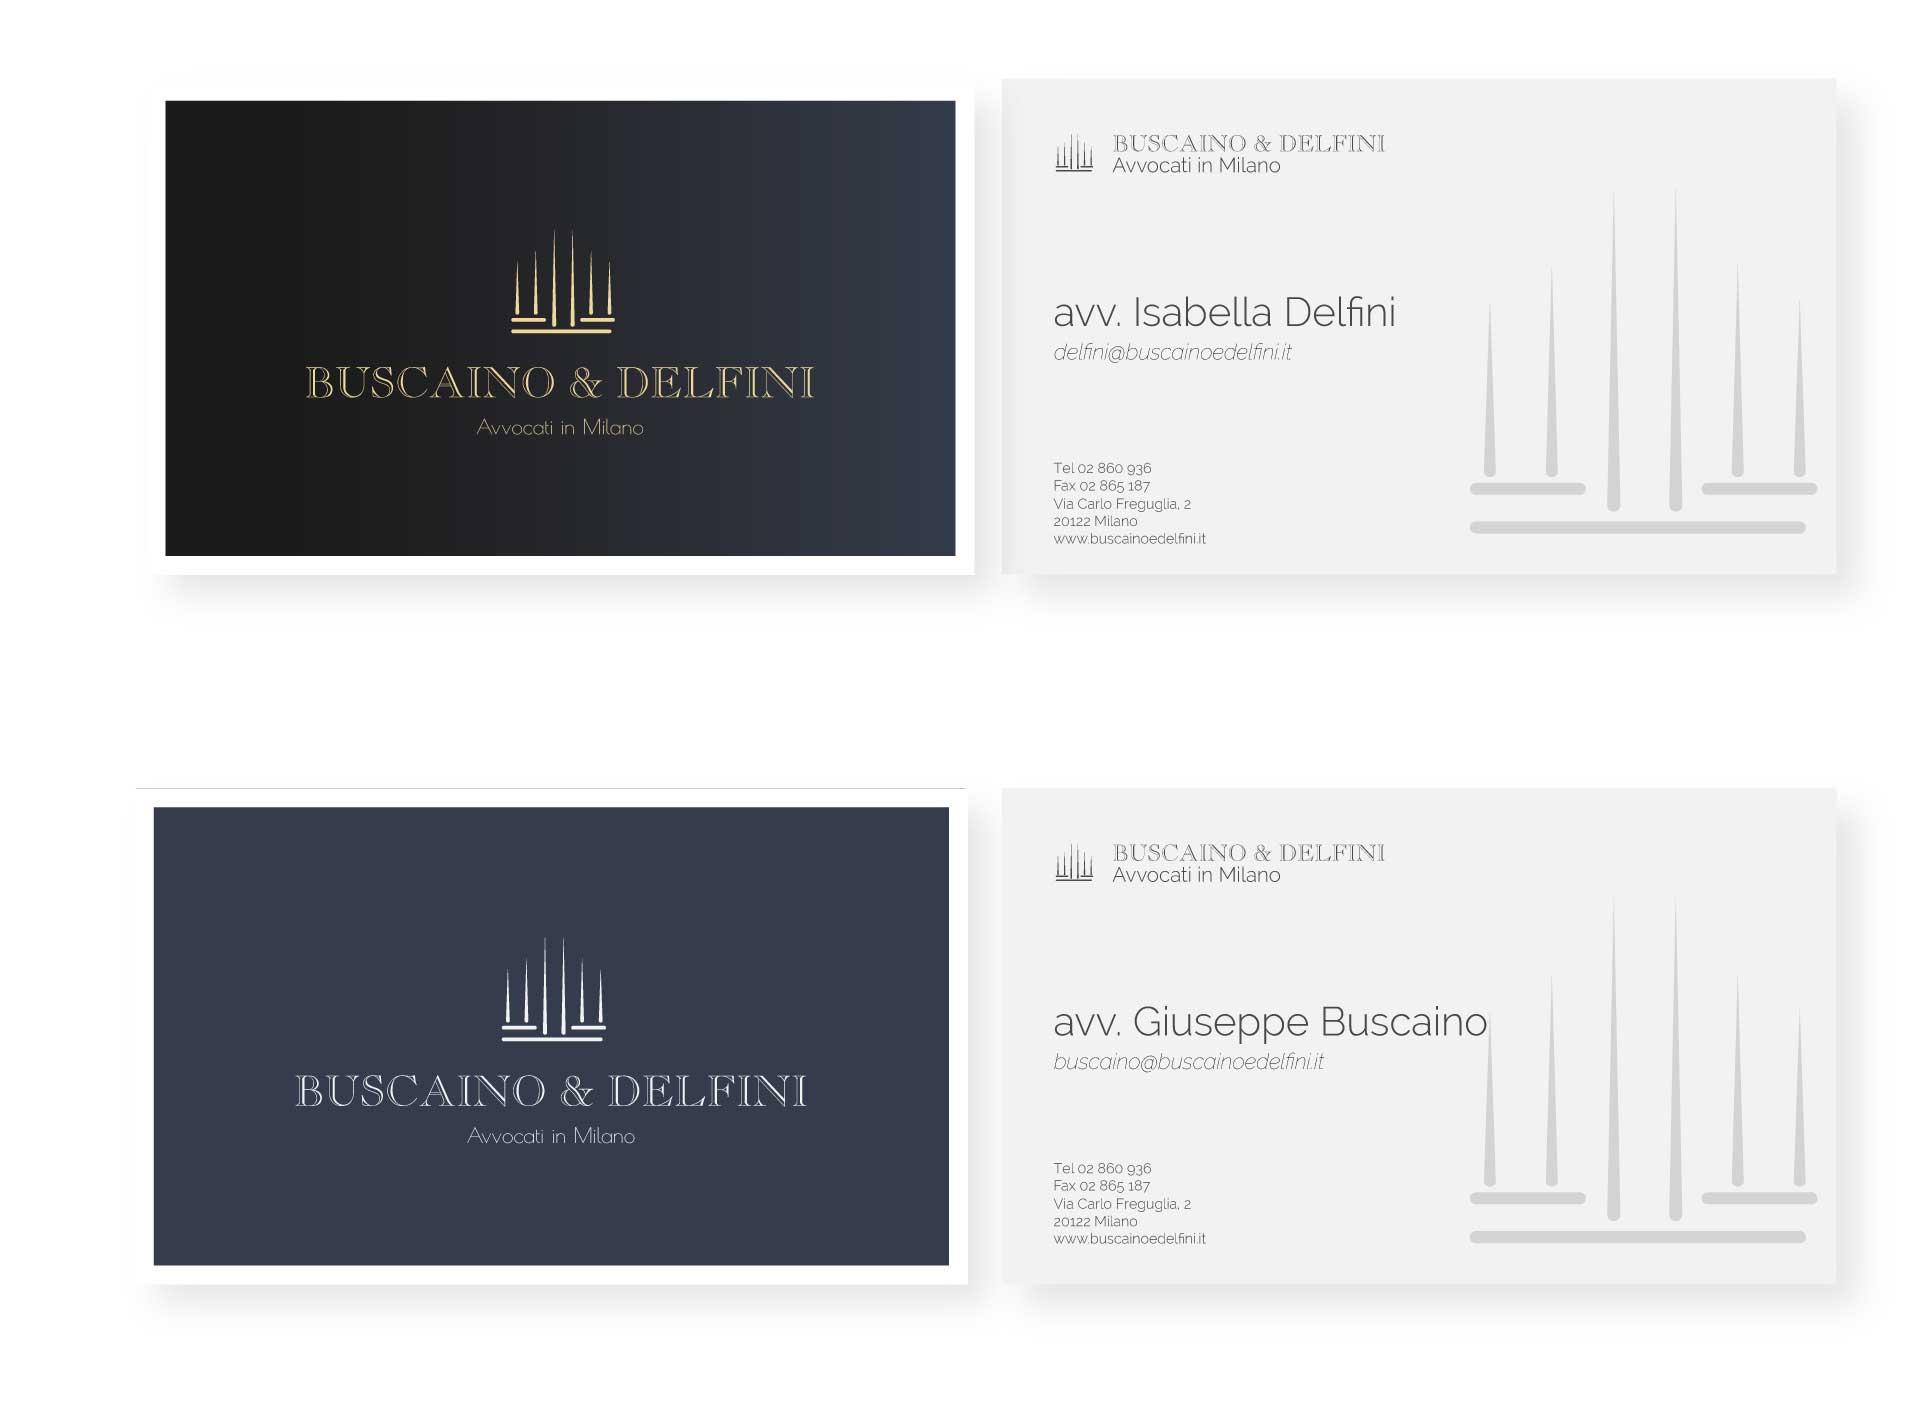 buscaino & delfini moodmama sito brochure web branding rebranding business card